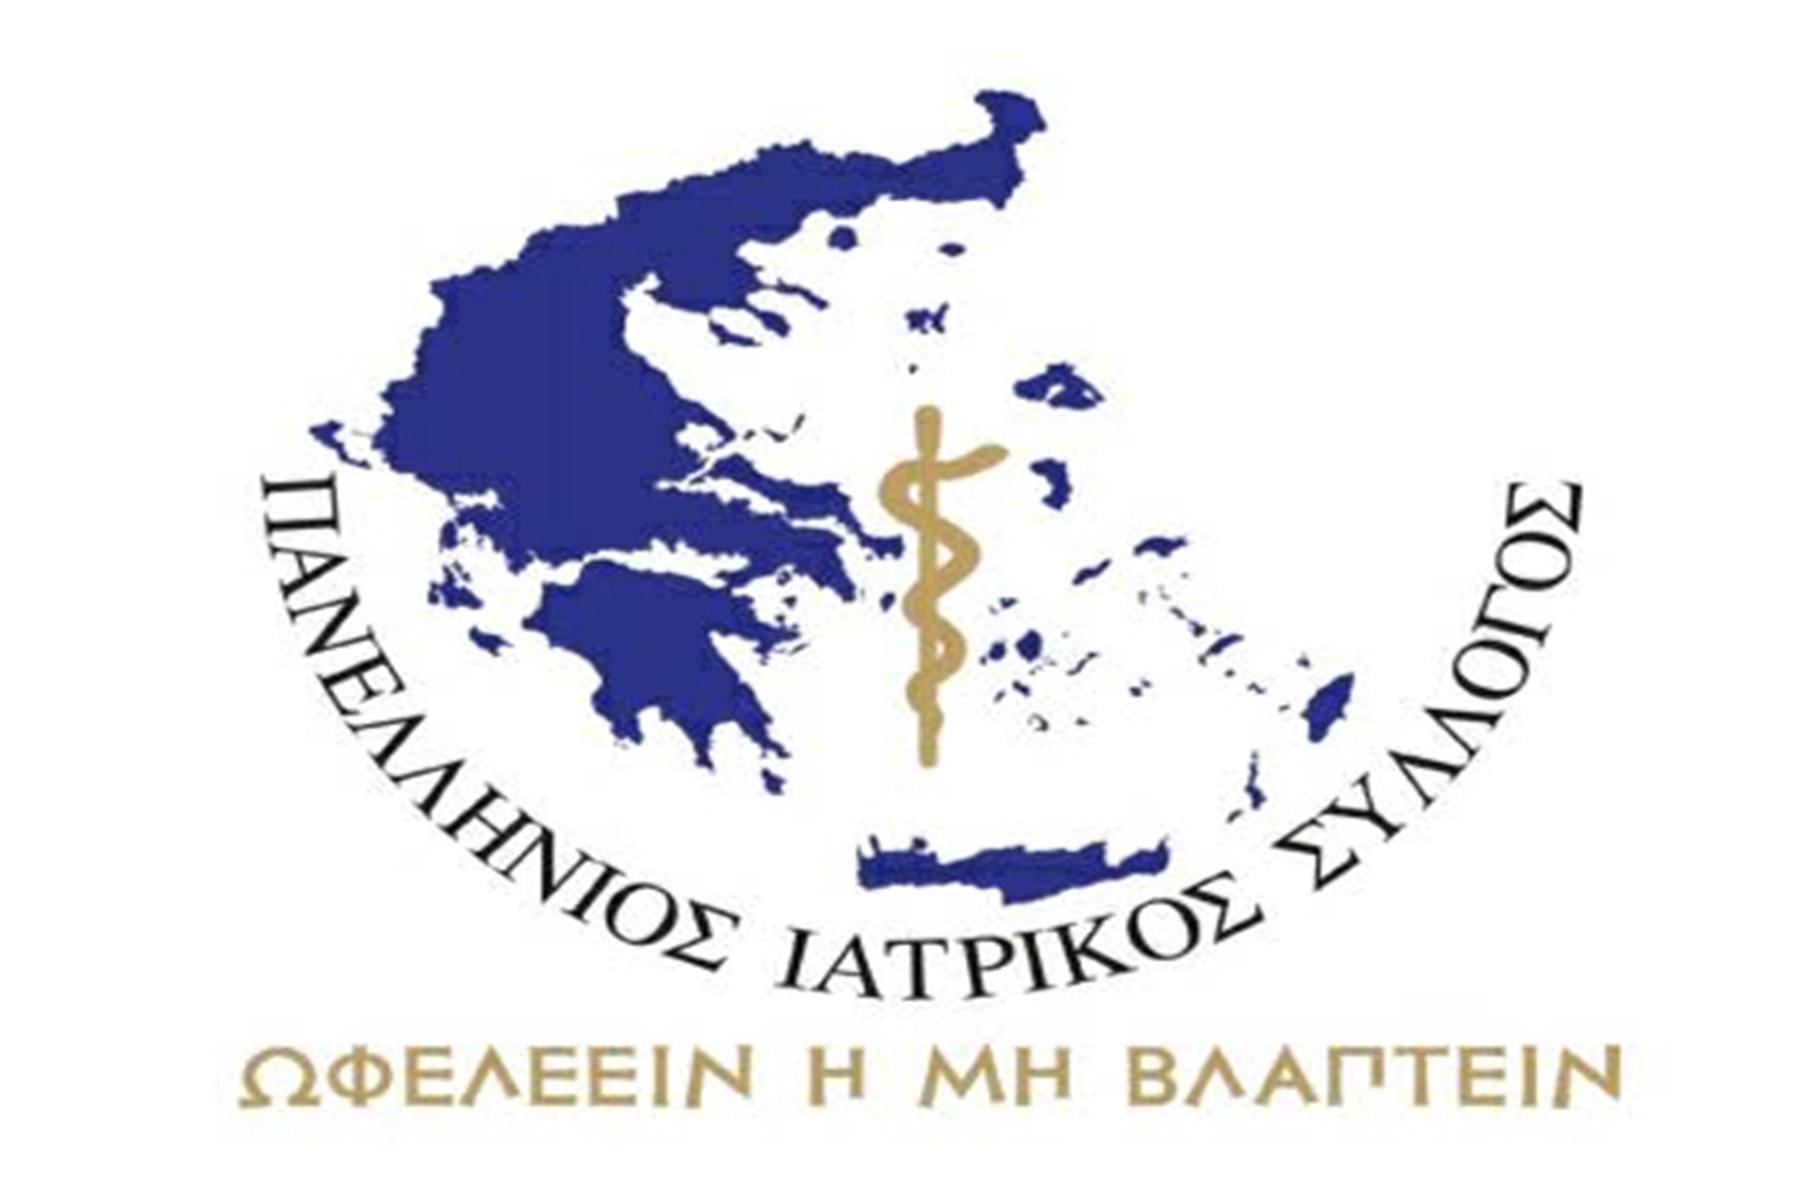 Πανελλήνιος ιατρικός σύλλογος : Στο πλευρό των Ελλήνων πολιτών στην διάρκεια της πανδημίας